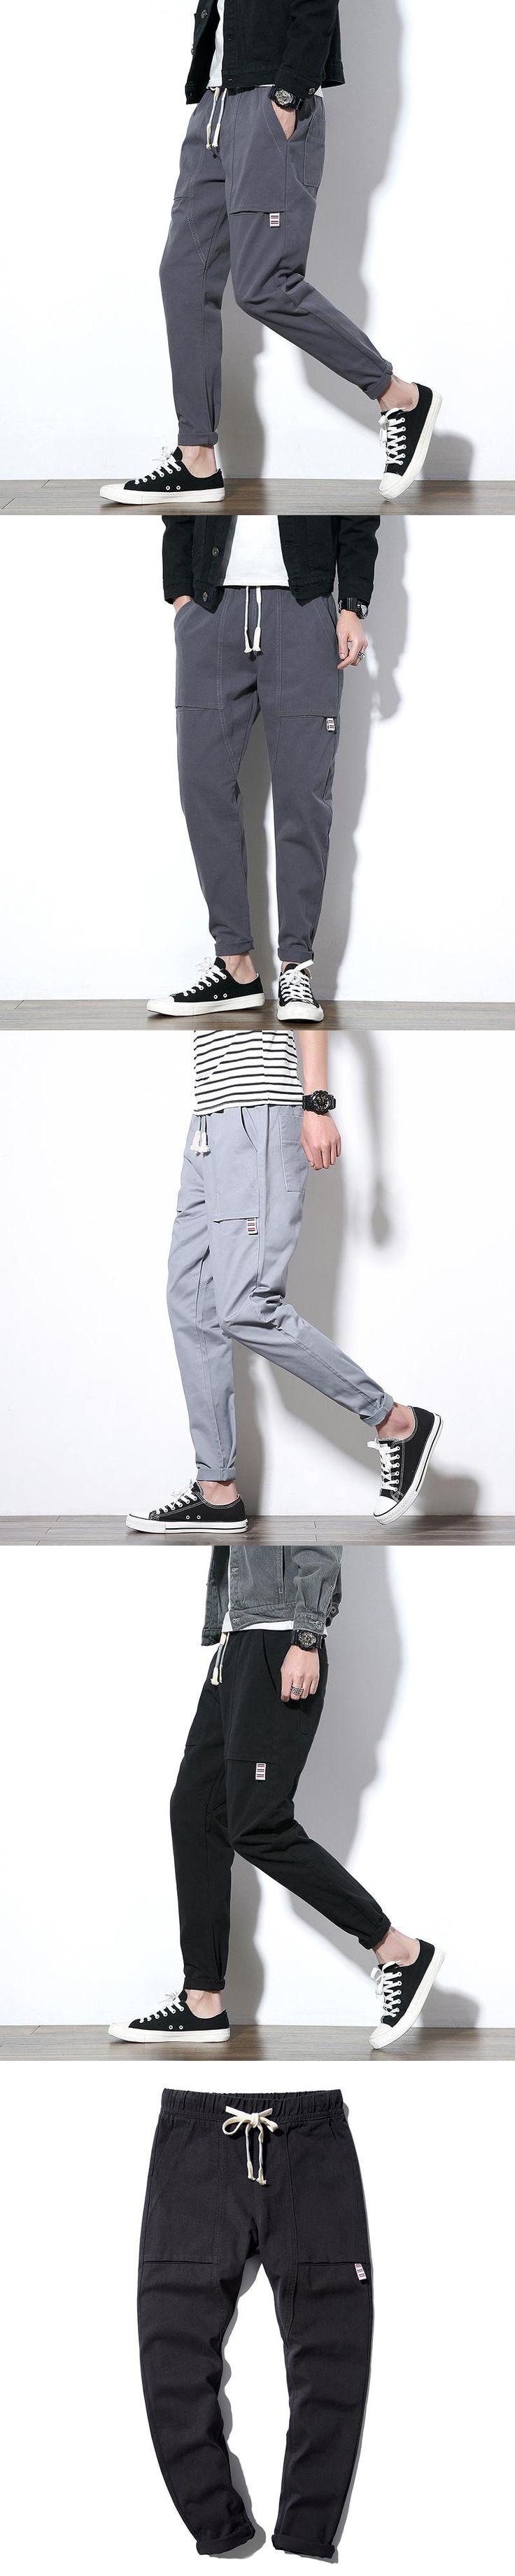 Japan Style Pants Men 2017 Autumn New Pocket Design Harem Pant Boys Plus Size Casual Loose Trousers Mens Pantalon Hombre 5XL-M